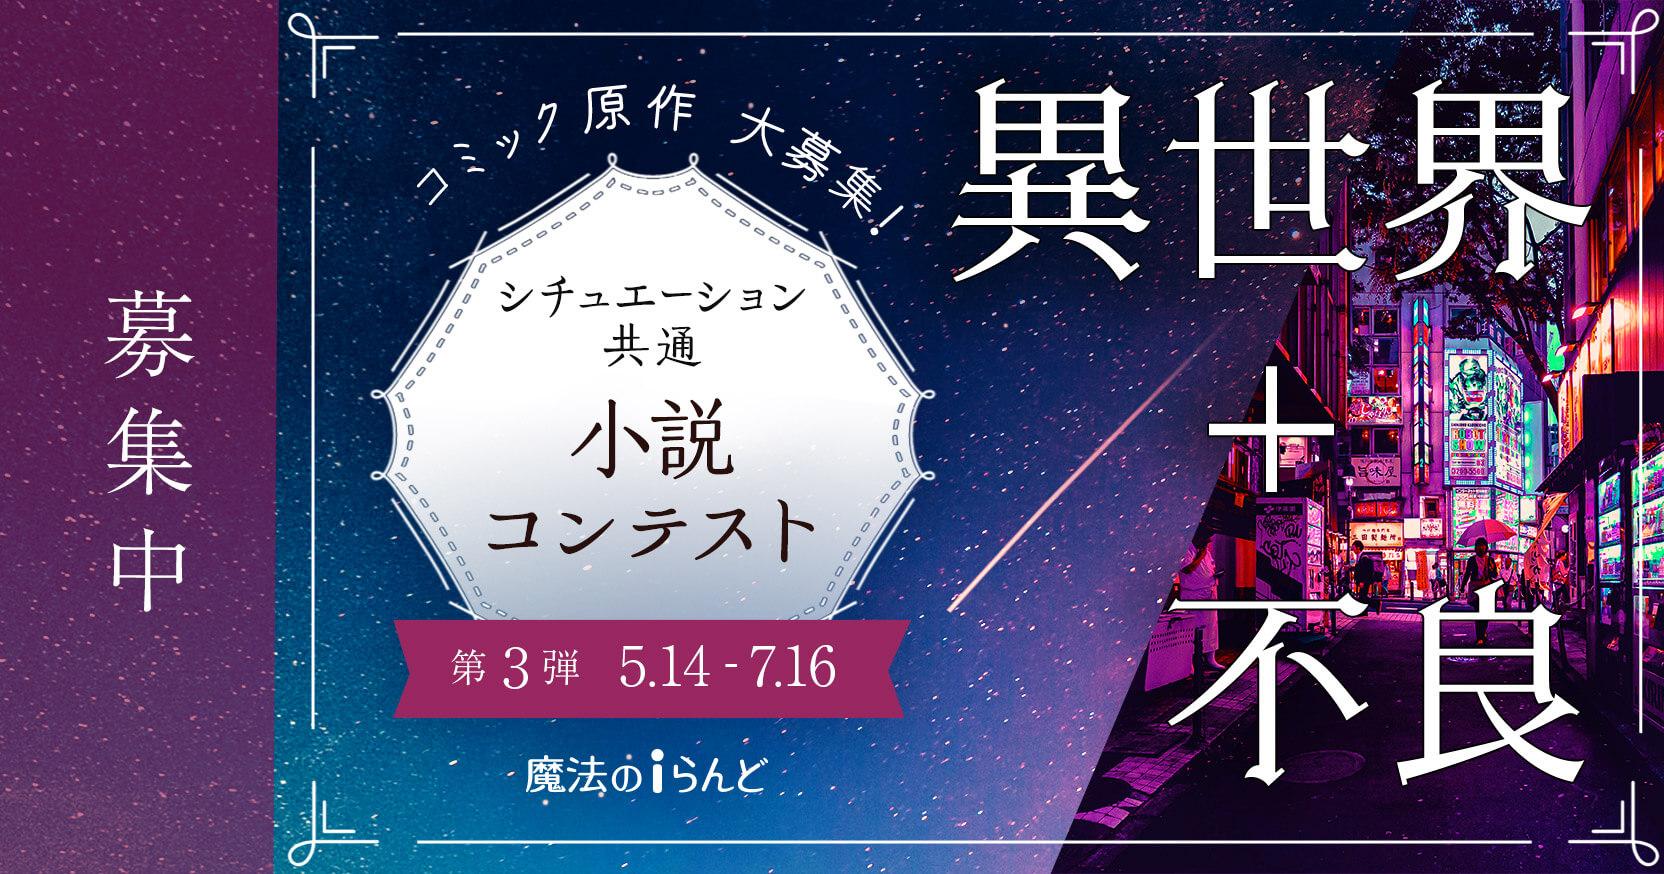 シチュエーション共通小説コンテスト 第3弾 異世界+不良